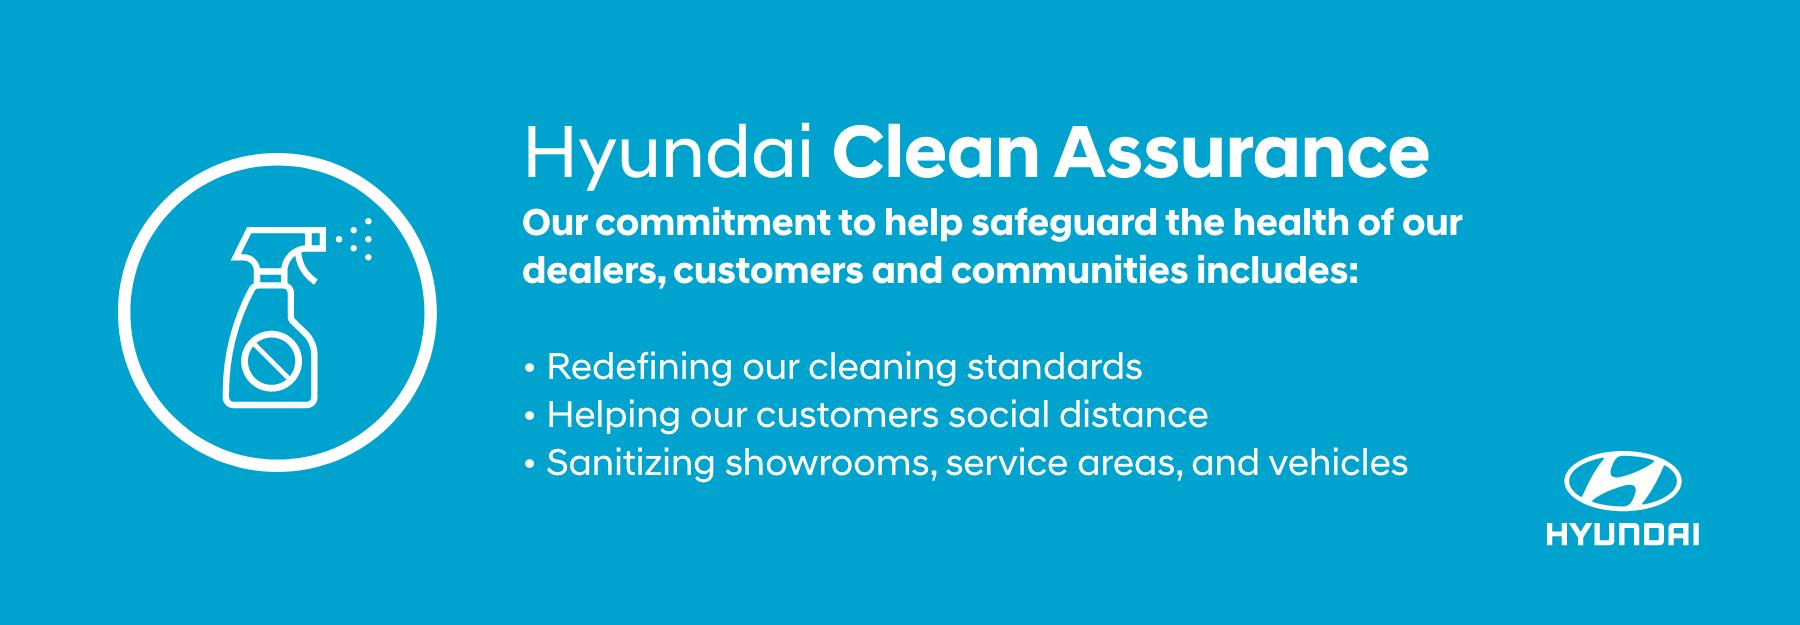 Hyundai Clean Assurance